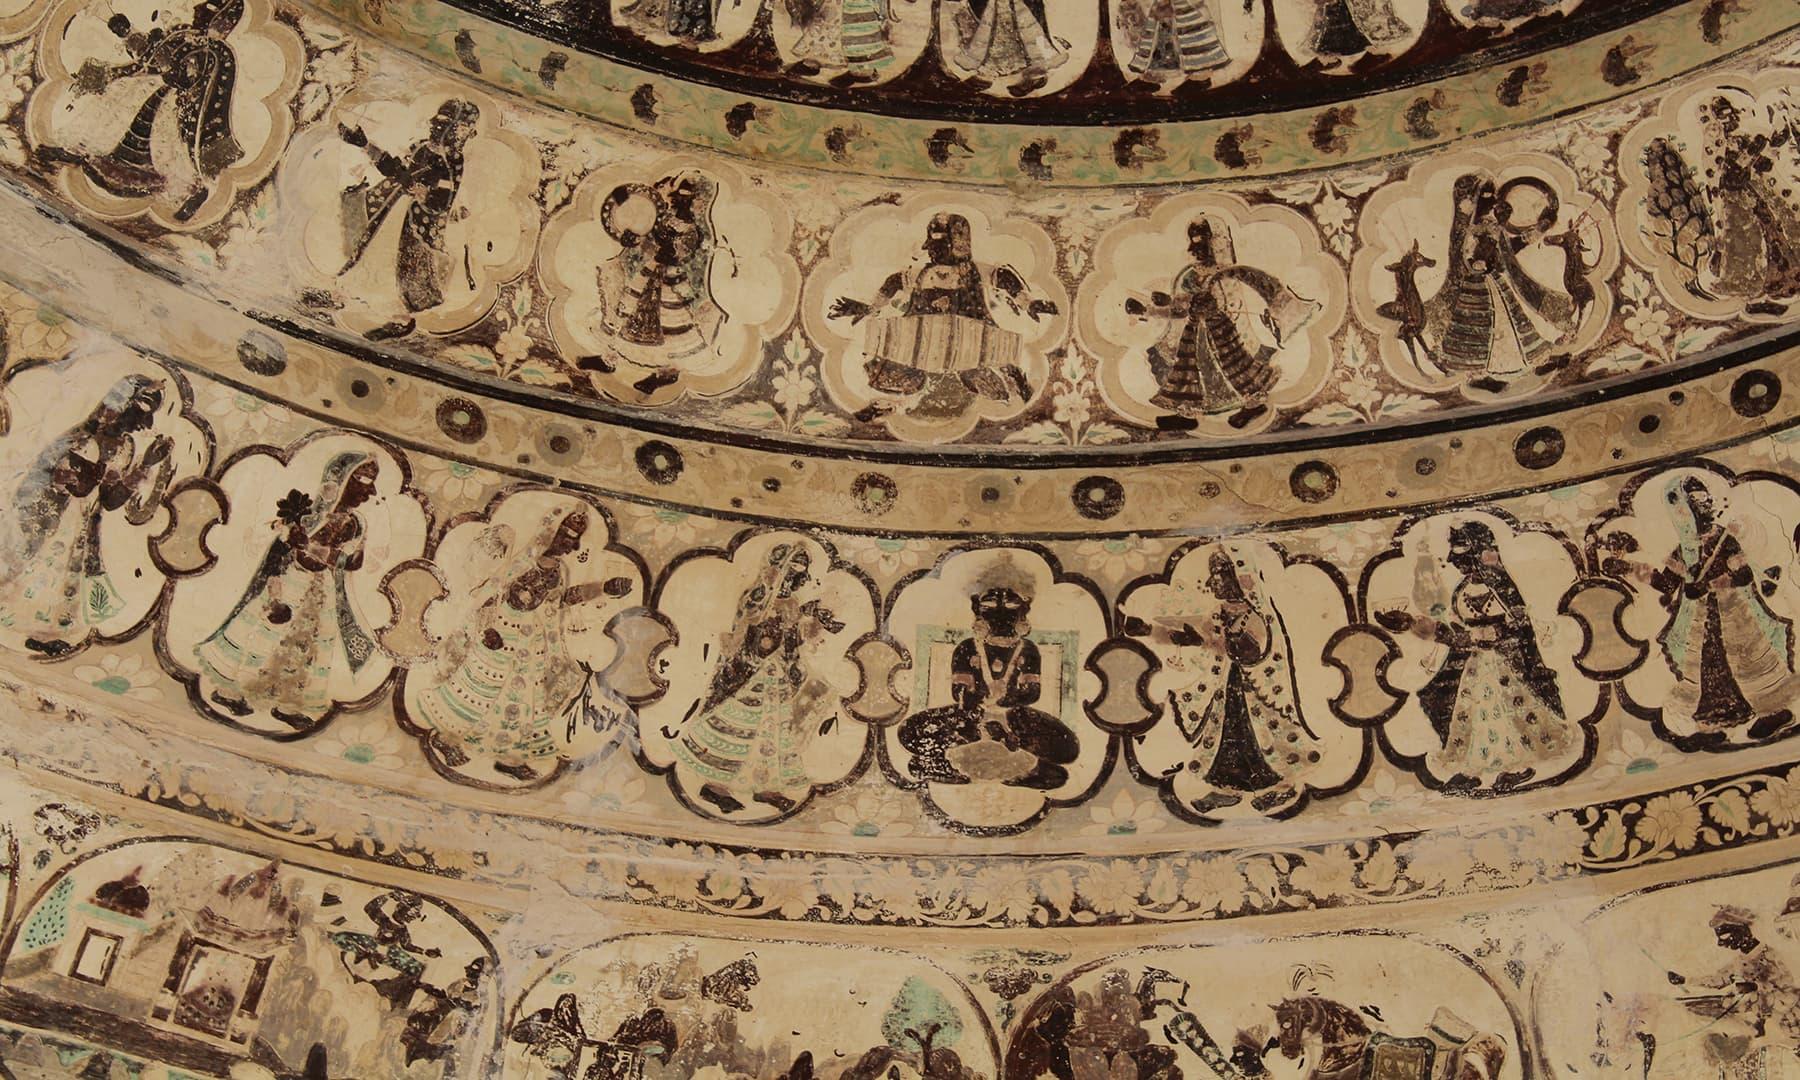 گوڑی مندر کے اندر نقش و نگاری—تصویر اختر حفیظ